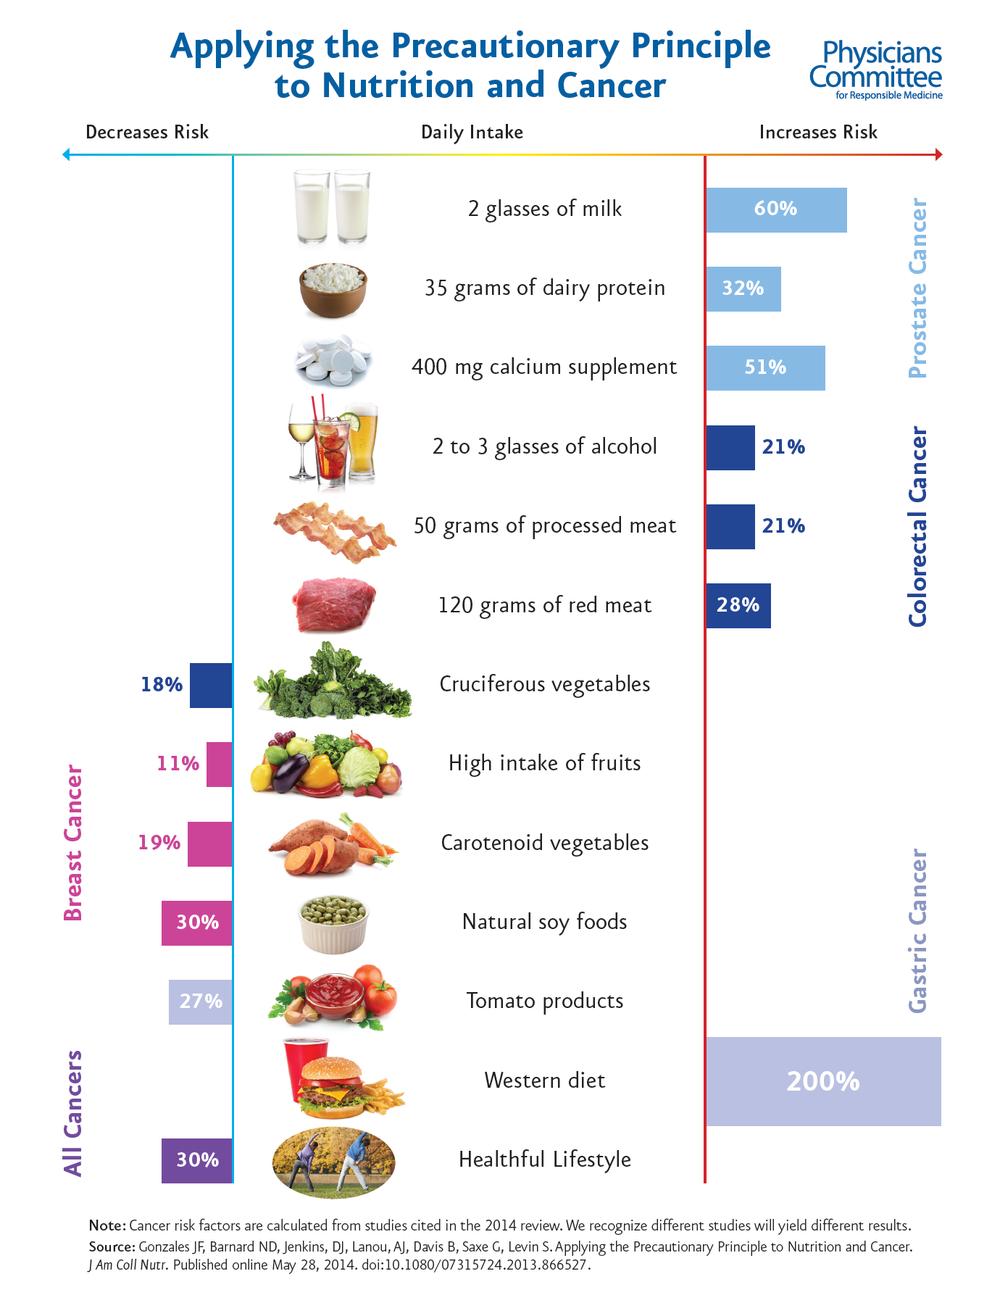 Меры предосторожности в питании от рака